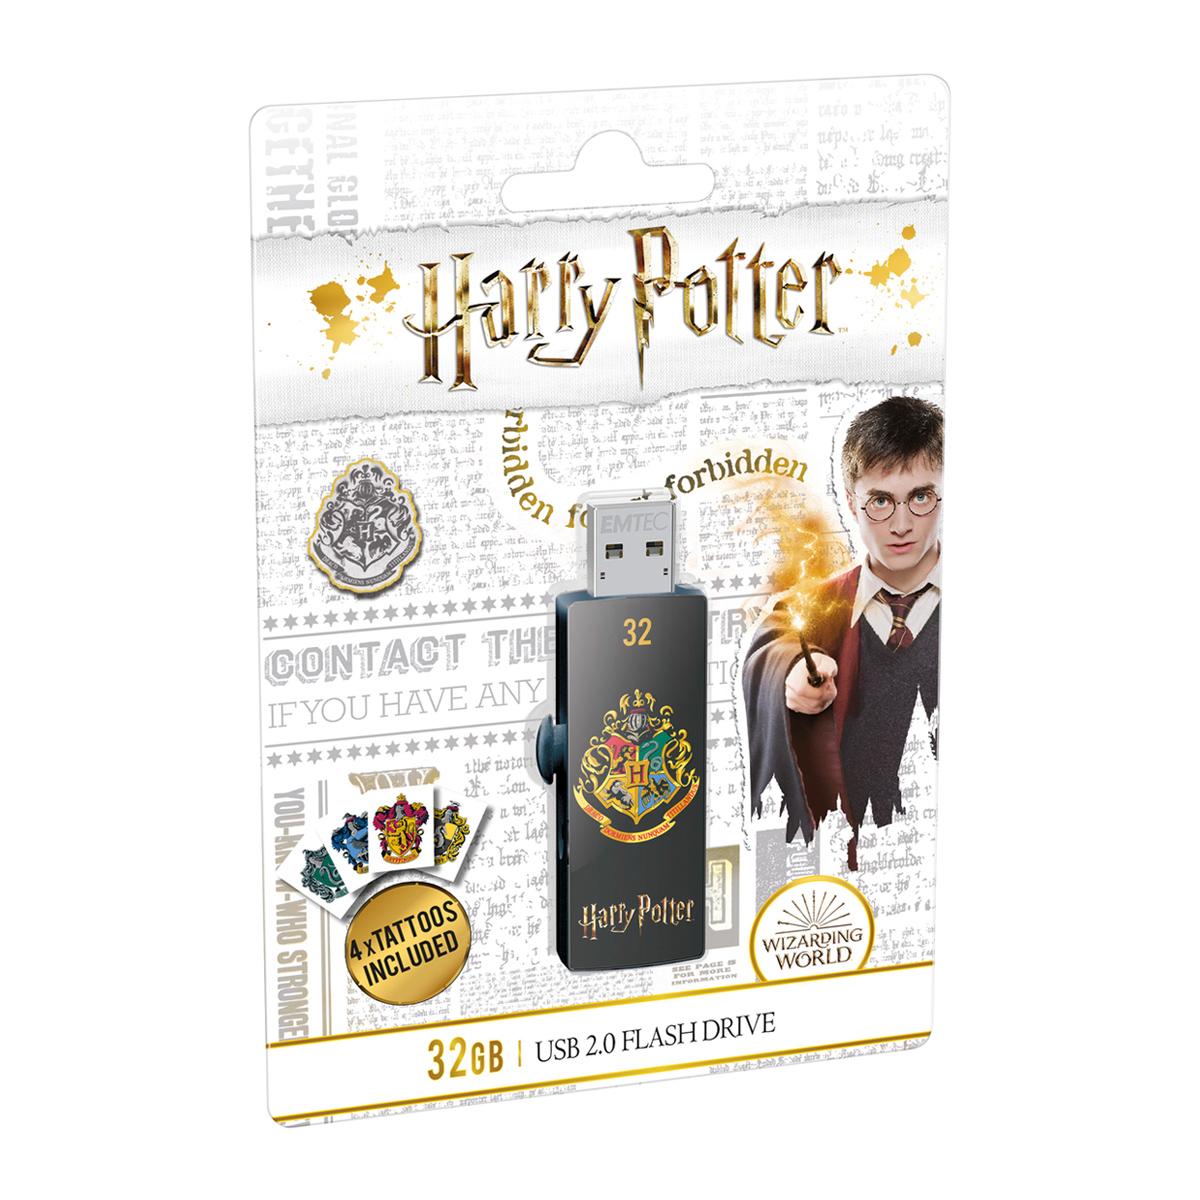 Emtec Flash USB 2.0 M730 Harry Potter Hogwarts 32GB - ECMMD32GM730HP05